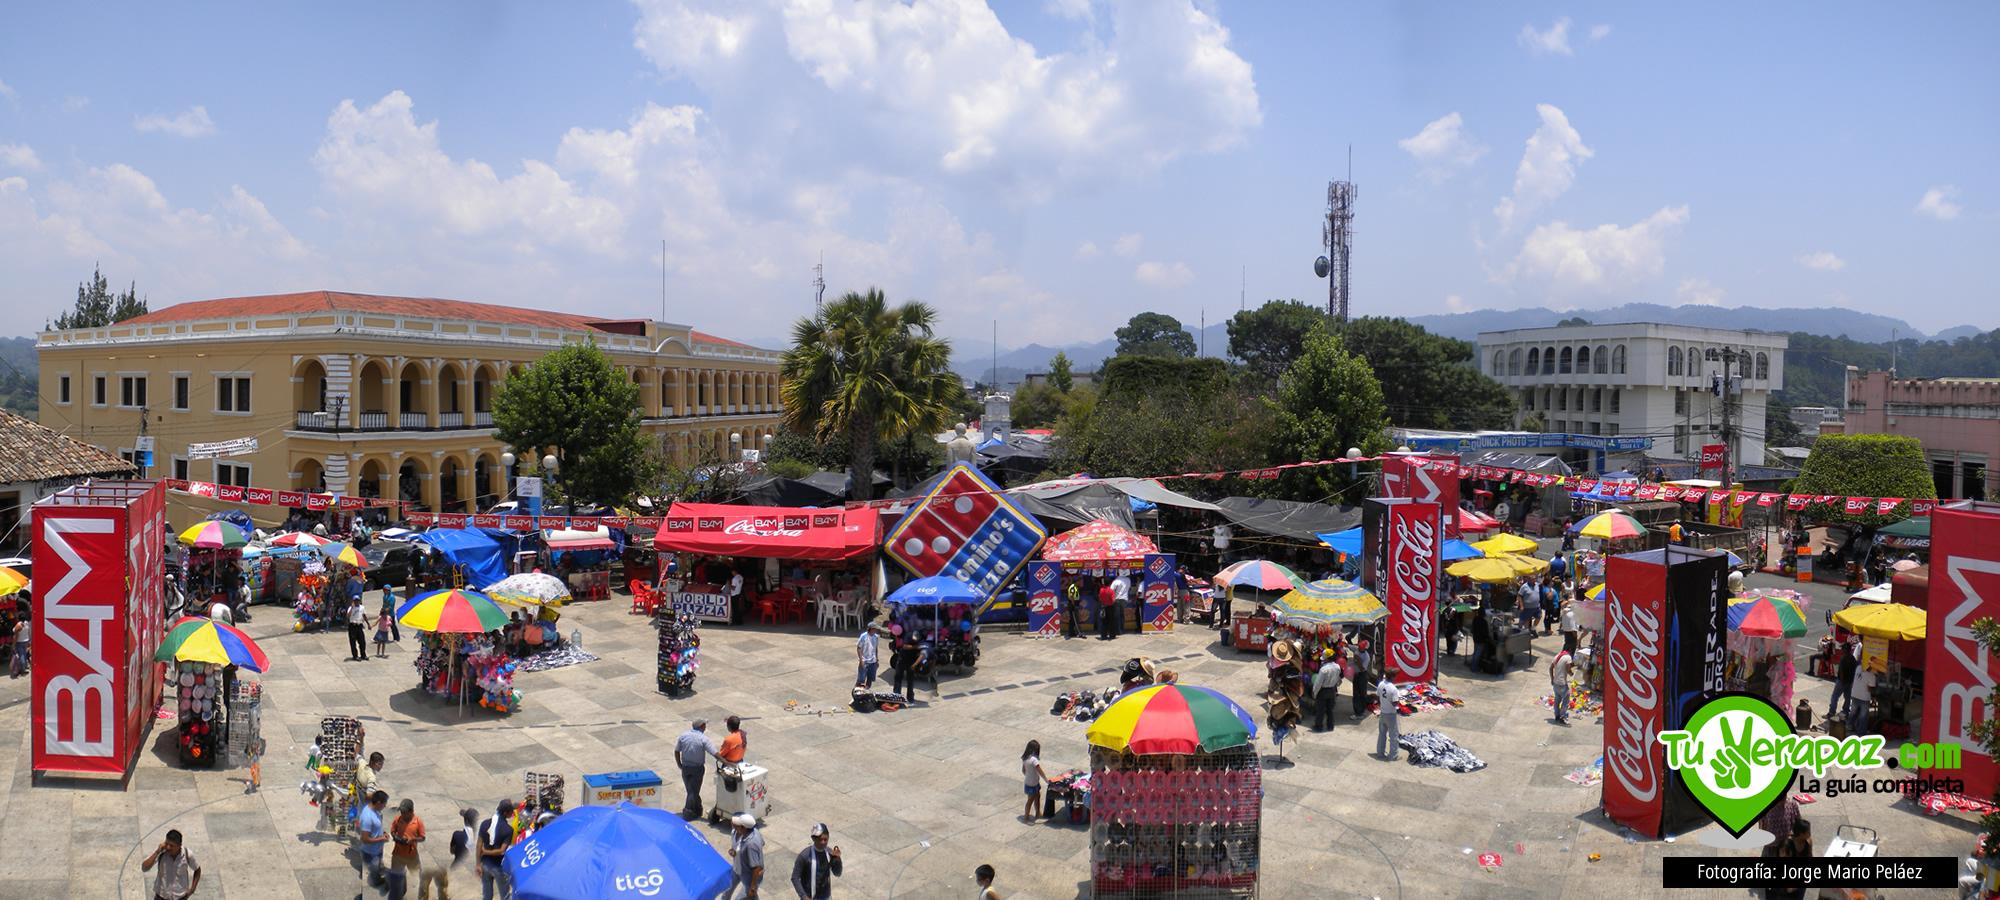 Panorámica del Parque Central de Cobán el día de la competencia Foto: Jorge M. Peláez - 2011